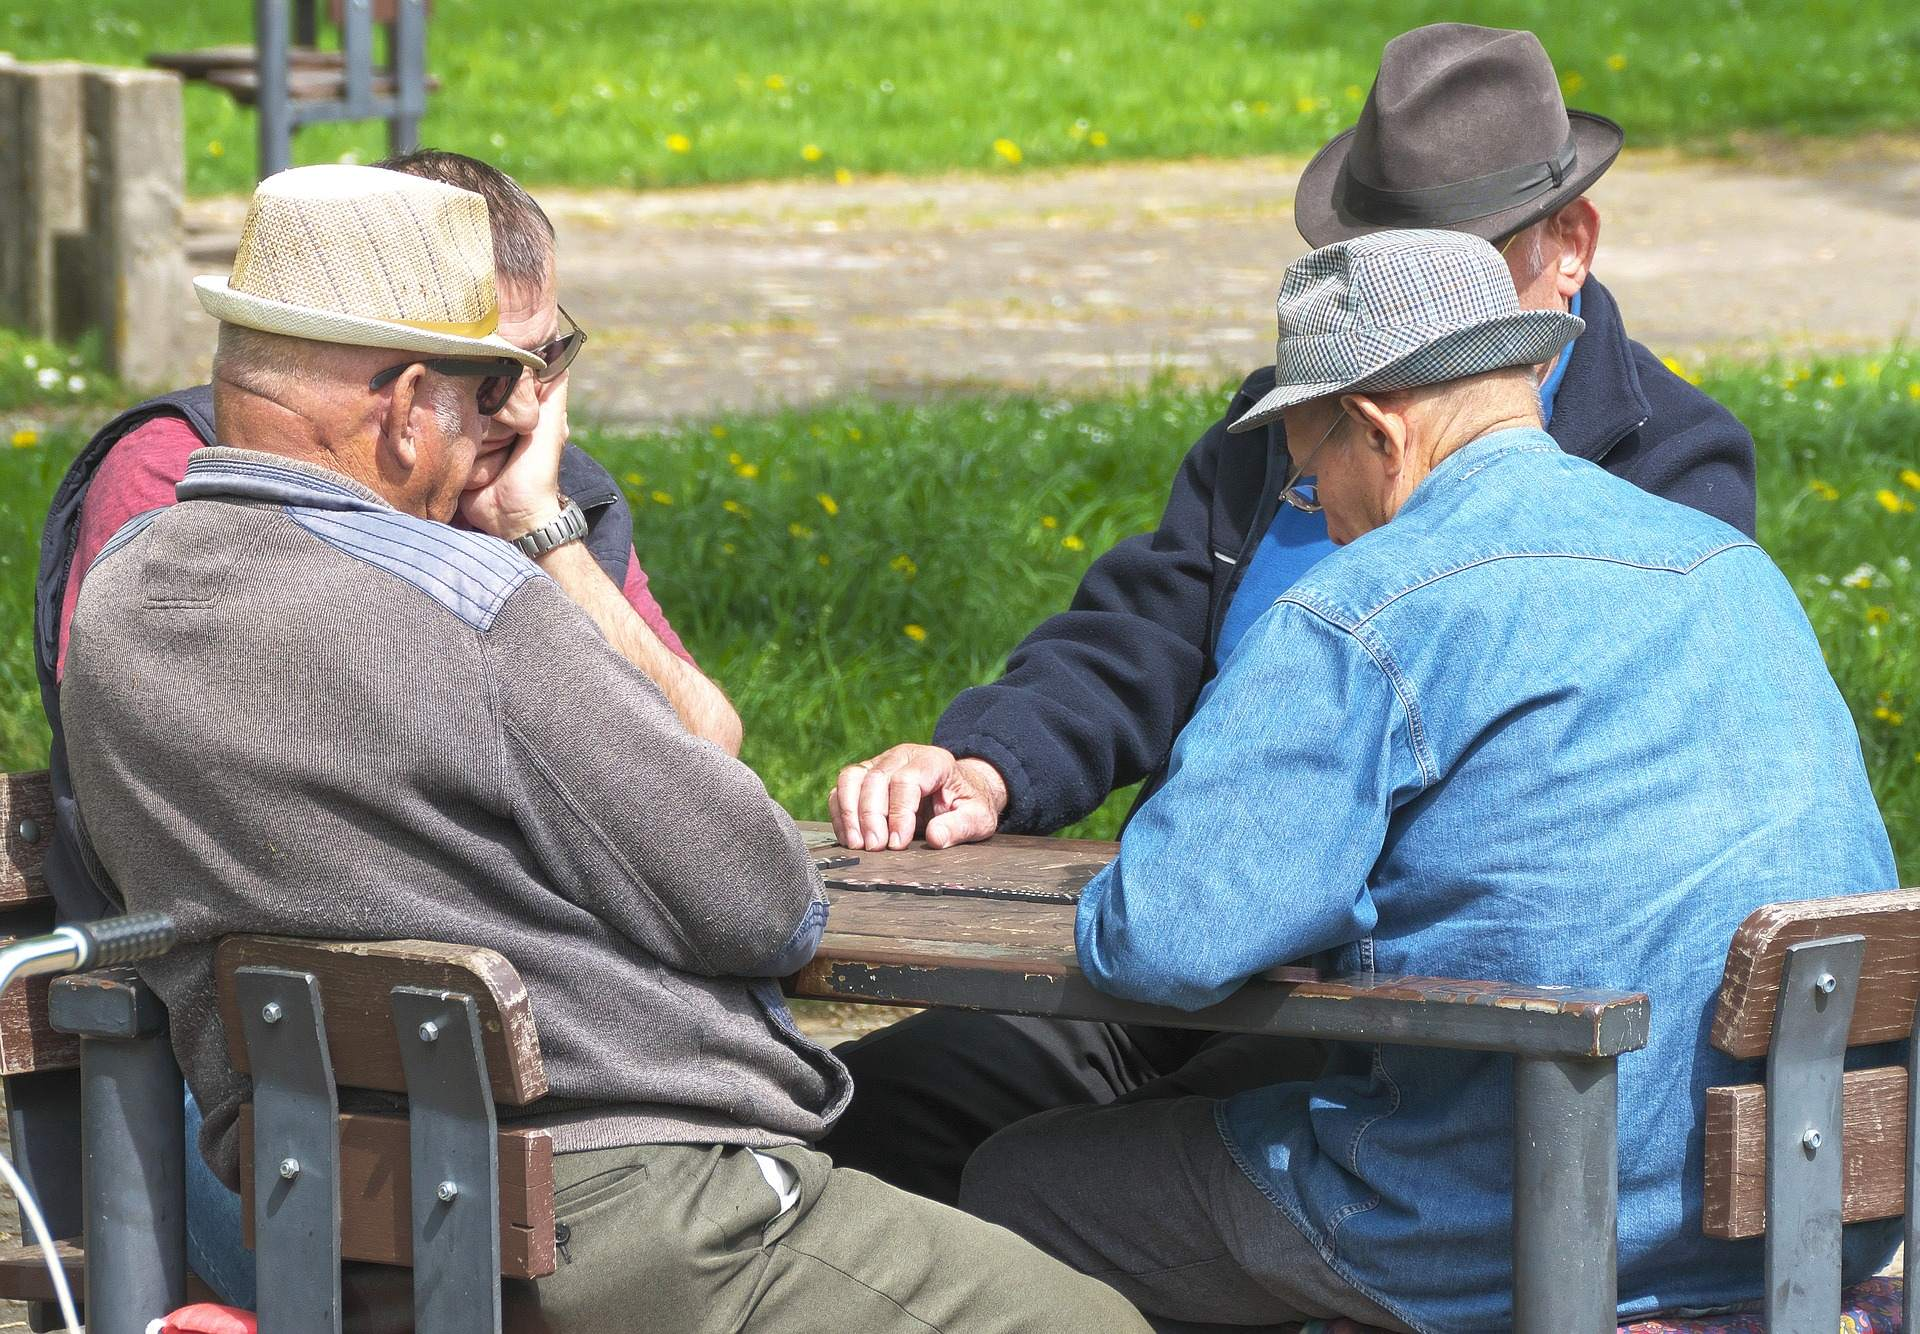 Beispielbild ältere Menschen - Rentenversicherung mit grundlegendem Problem